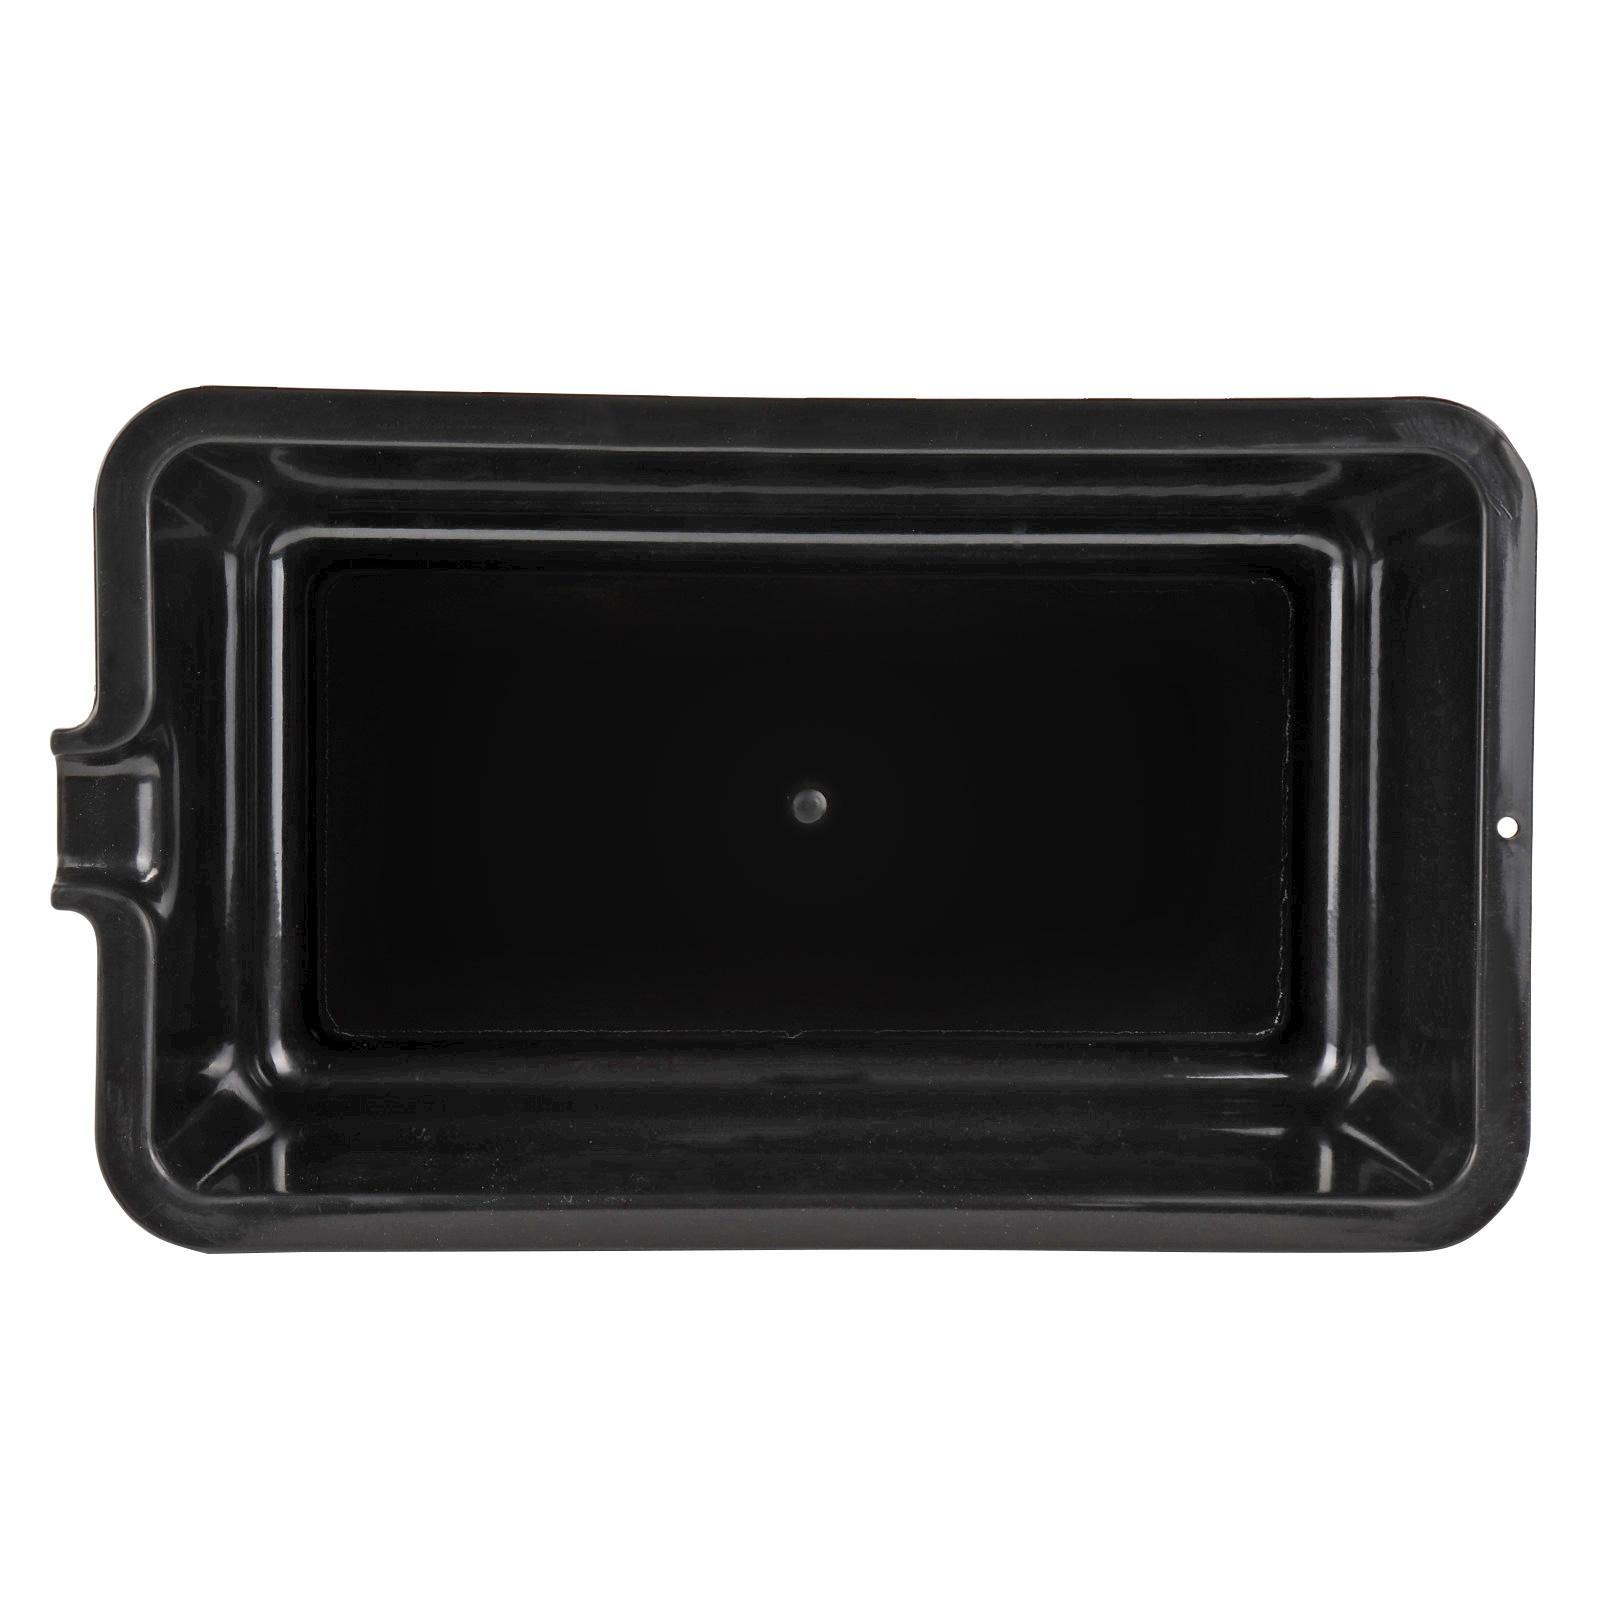 lauffangwanne 6 liter schwarz kunststoff mit ausgie er f r motorrad atv auto ebay. Black Bedroom Furniture Sets. Home Design Ideas